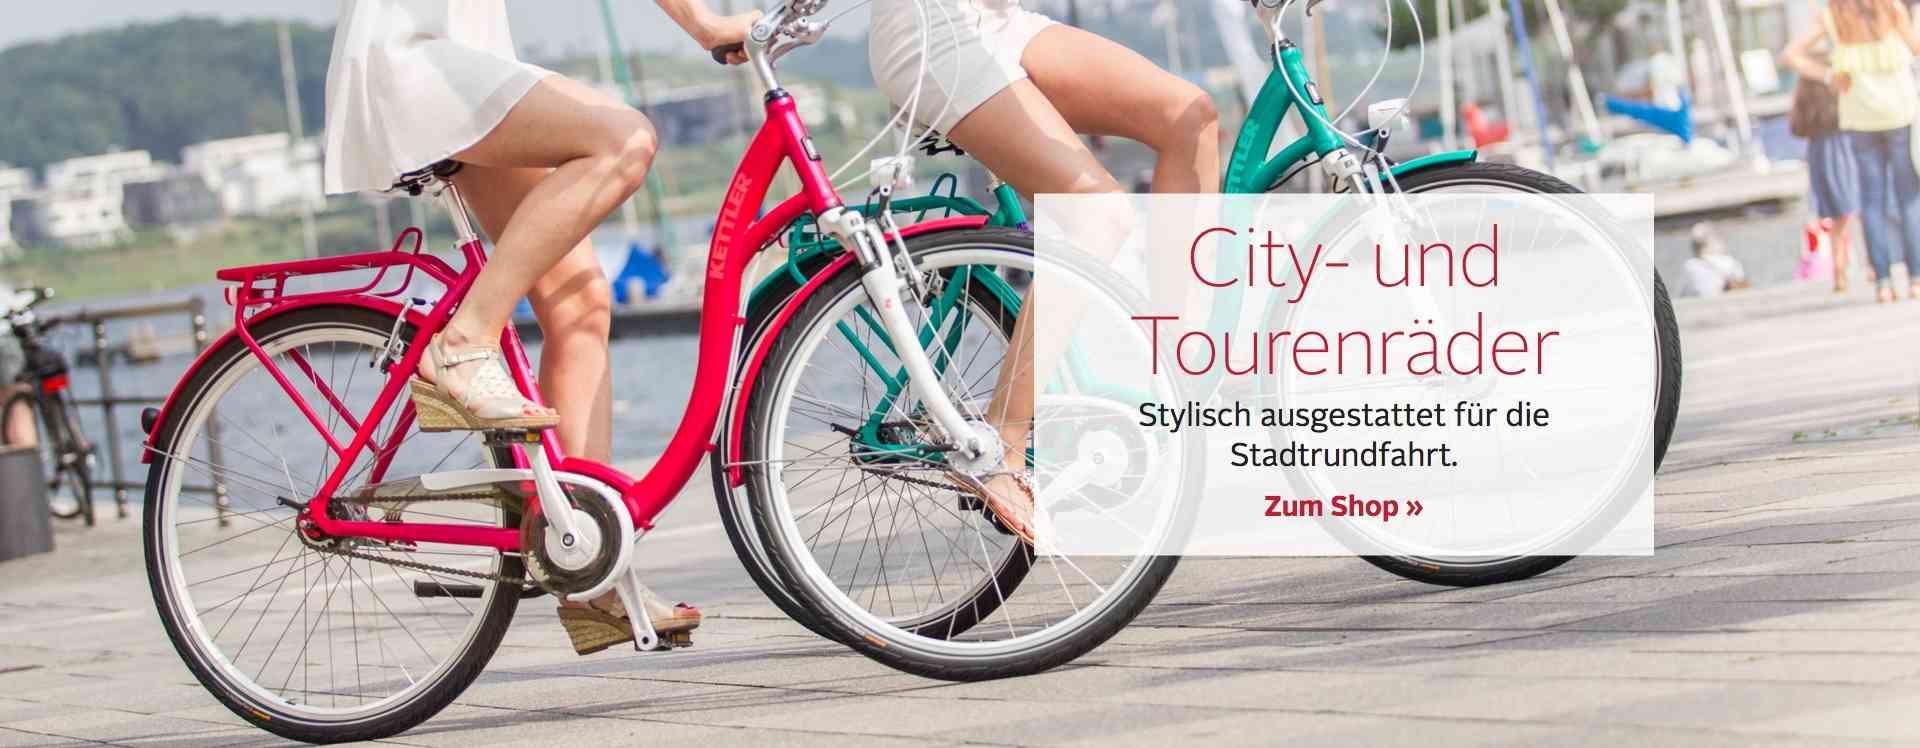 Entdecken Sie die Vielfalt unserer Cityräder und Tourenräder für Ihre nächste Fahrradtour, zum Einkaufen oder für den Arbeitsweg!